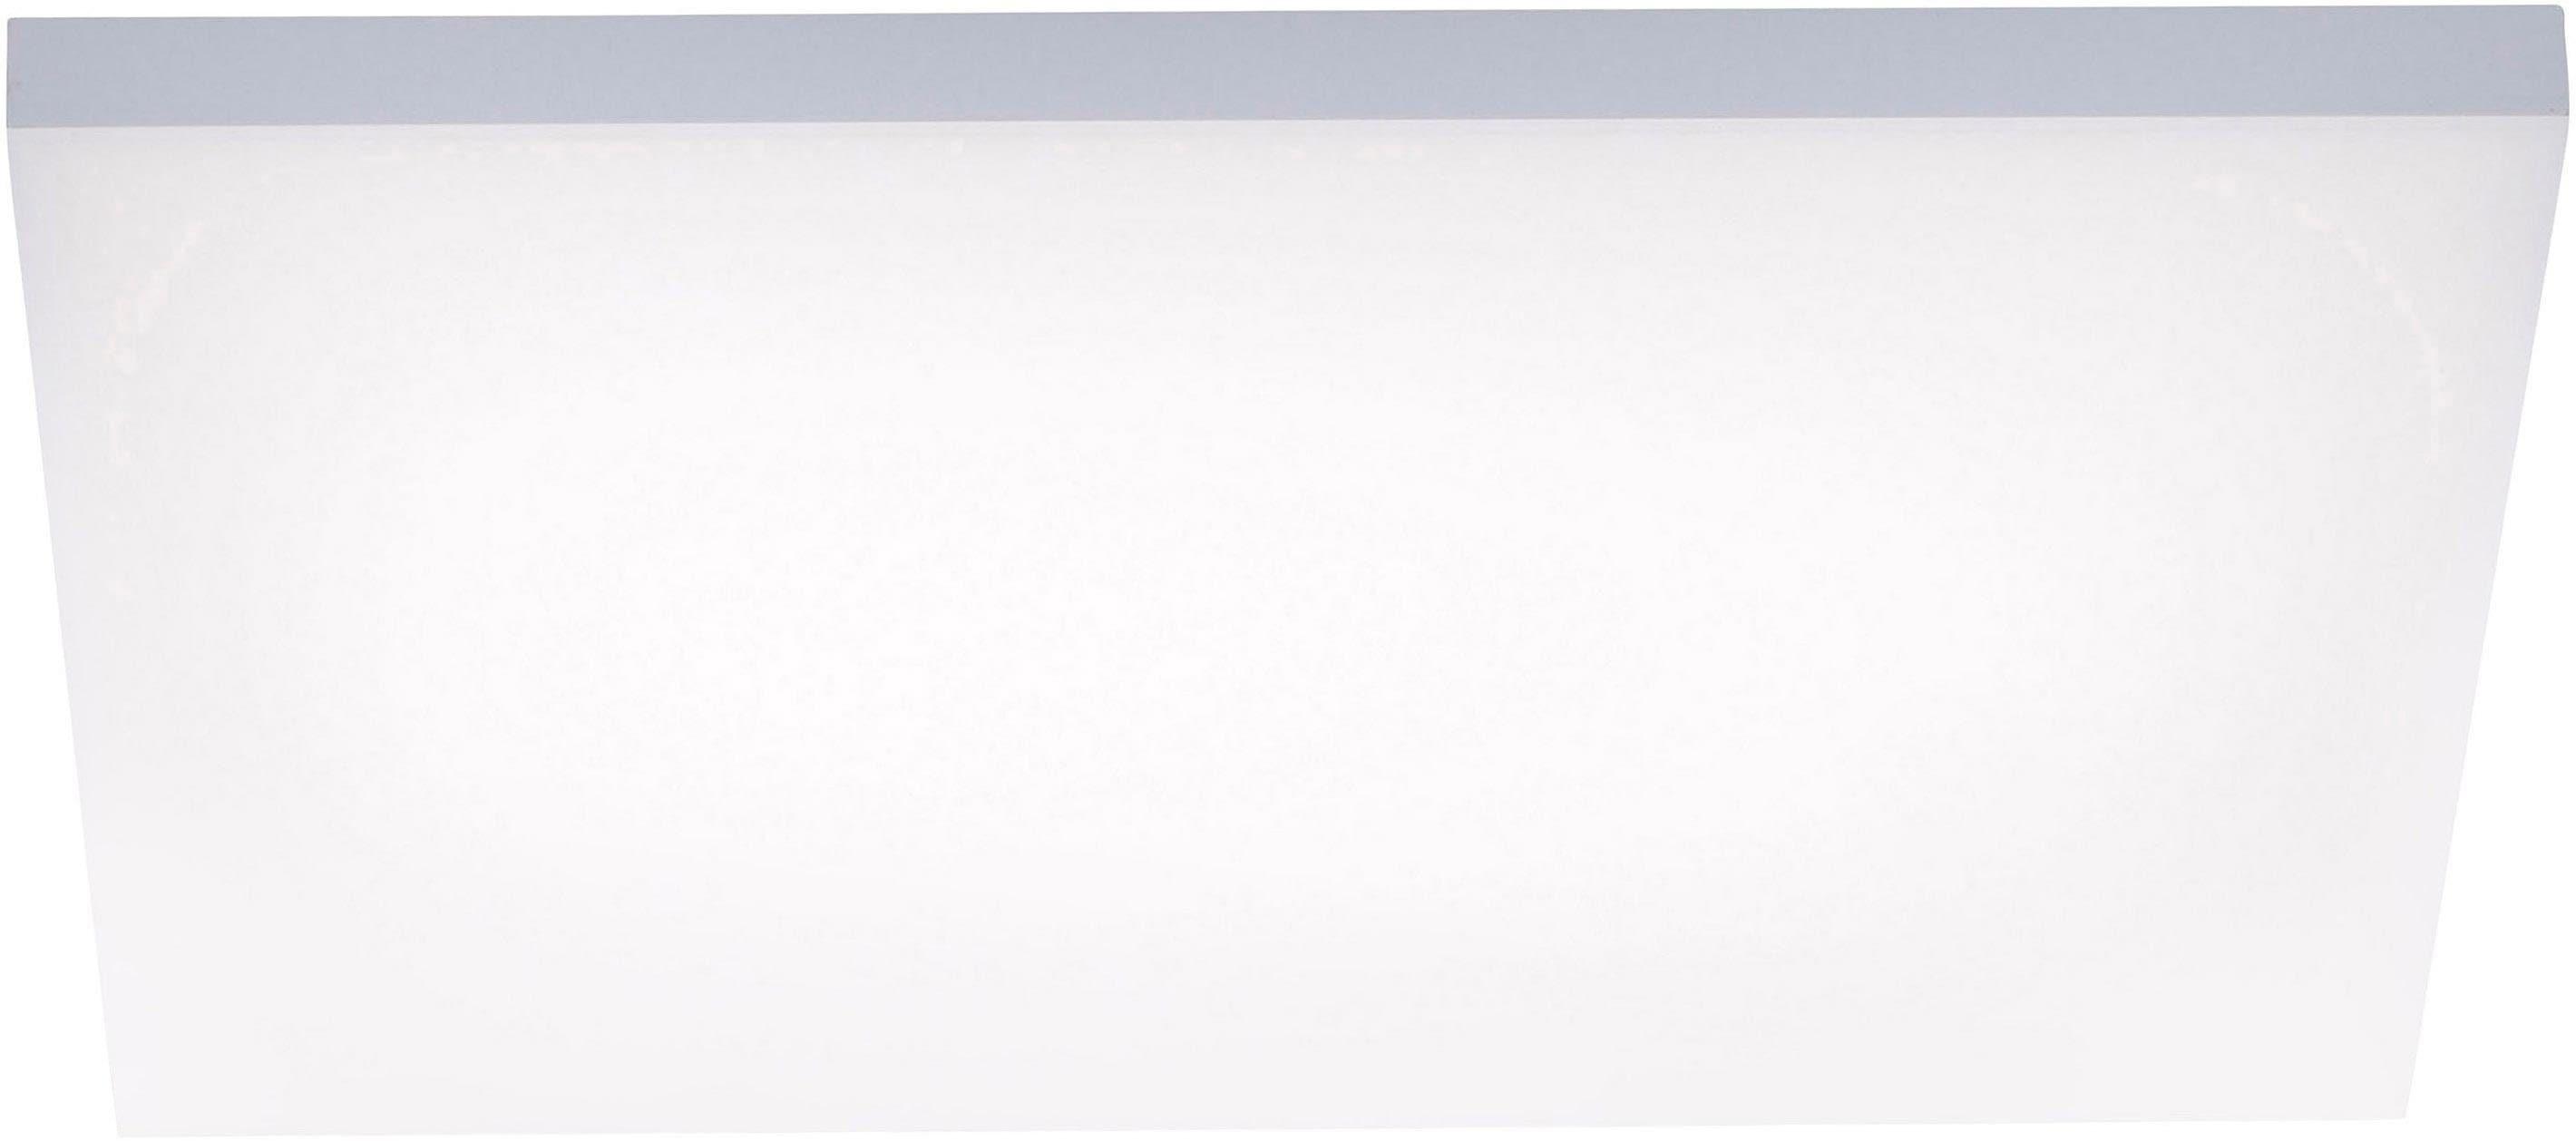 Paul Neuhaus Deckenleuchte FRAMELESS, LED-Board, Warmweiß-Neutralweiß-Tageslichtweiß, LED Panel mit Farbtemperaturregelung (warmweiß-tageslichtweiß), rahmenlos und quadratisch, Dimmbar über Funkfernbedienung